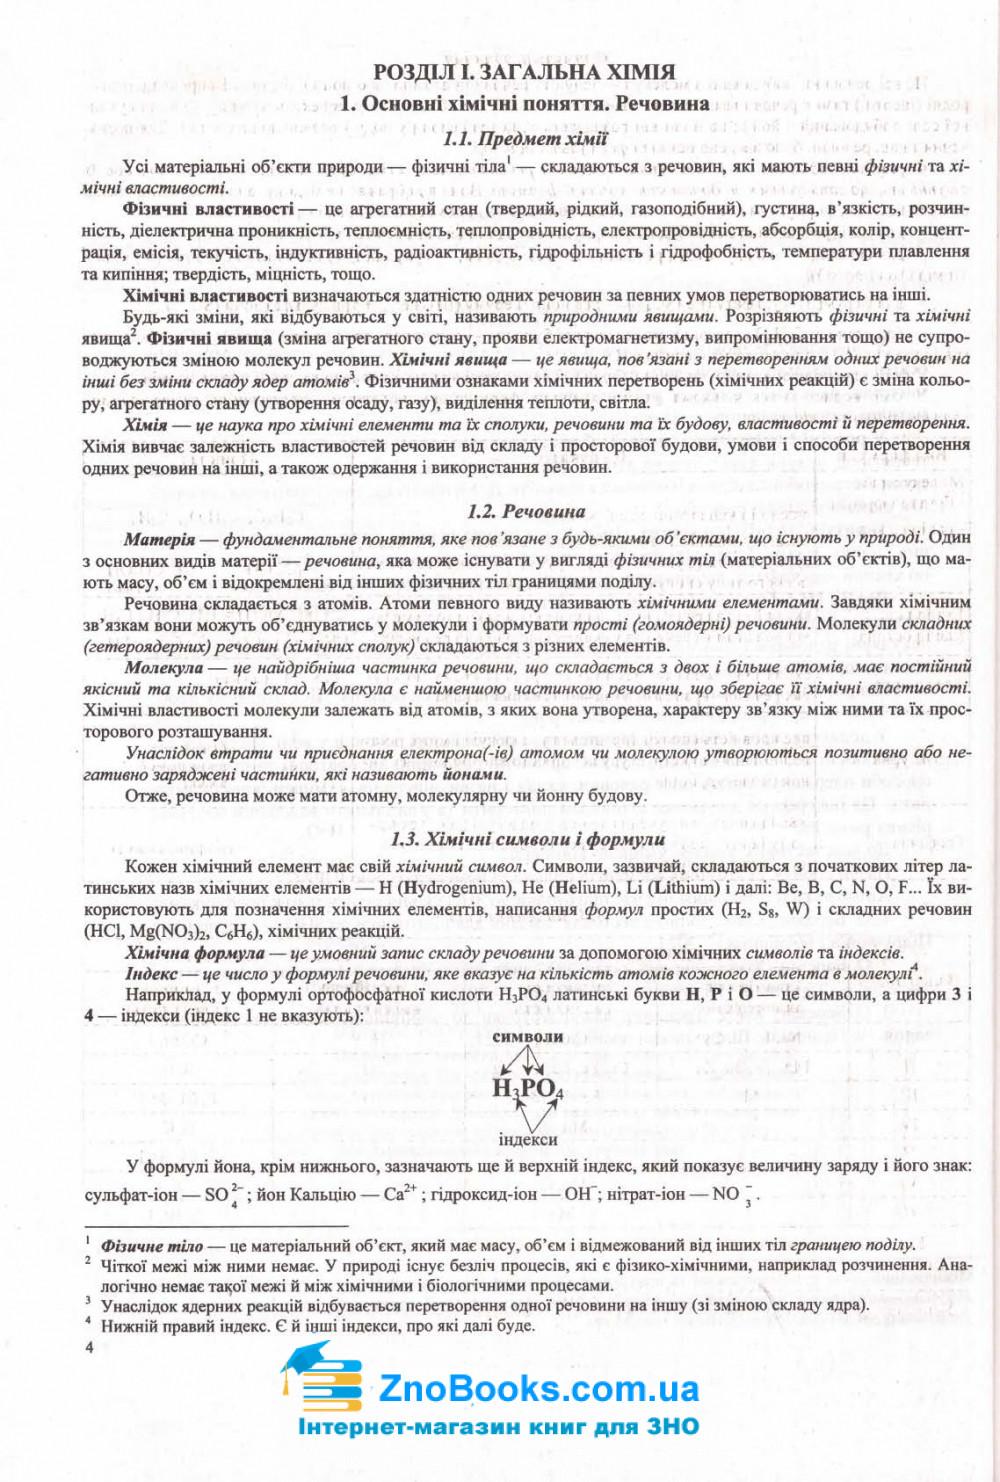 Хімія ЗНО 2022. Комплексне видання + Тренажер /КОМПЛЕКТ/ : Березан О., та інші. Підручники і посібники. 3